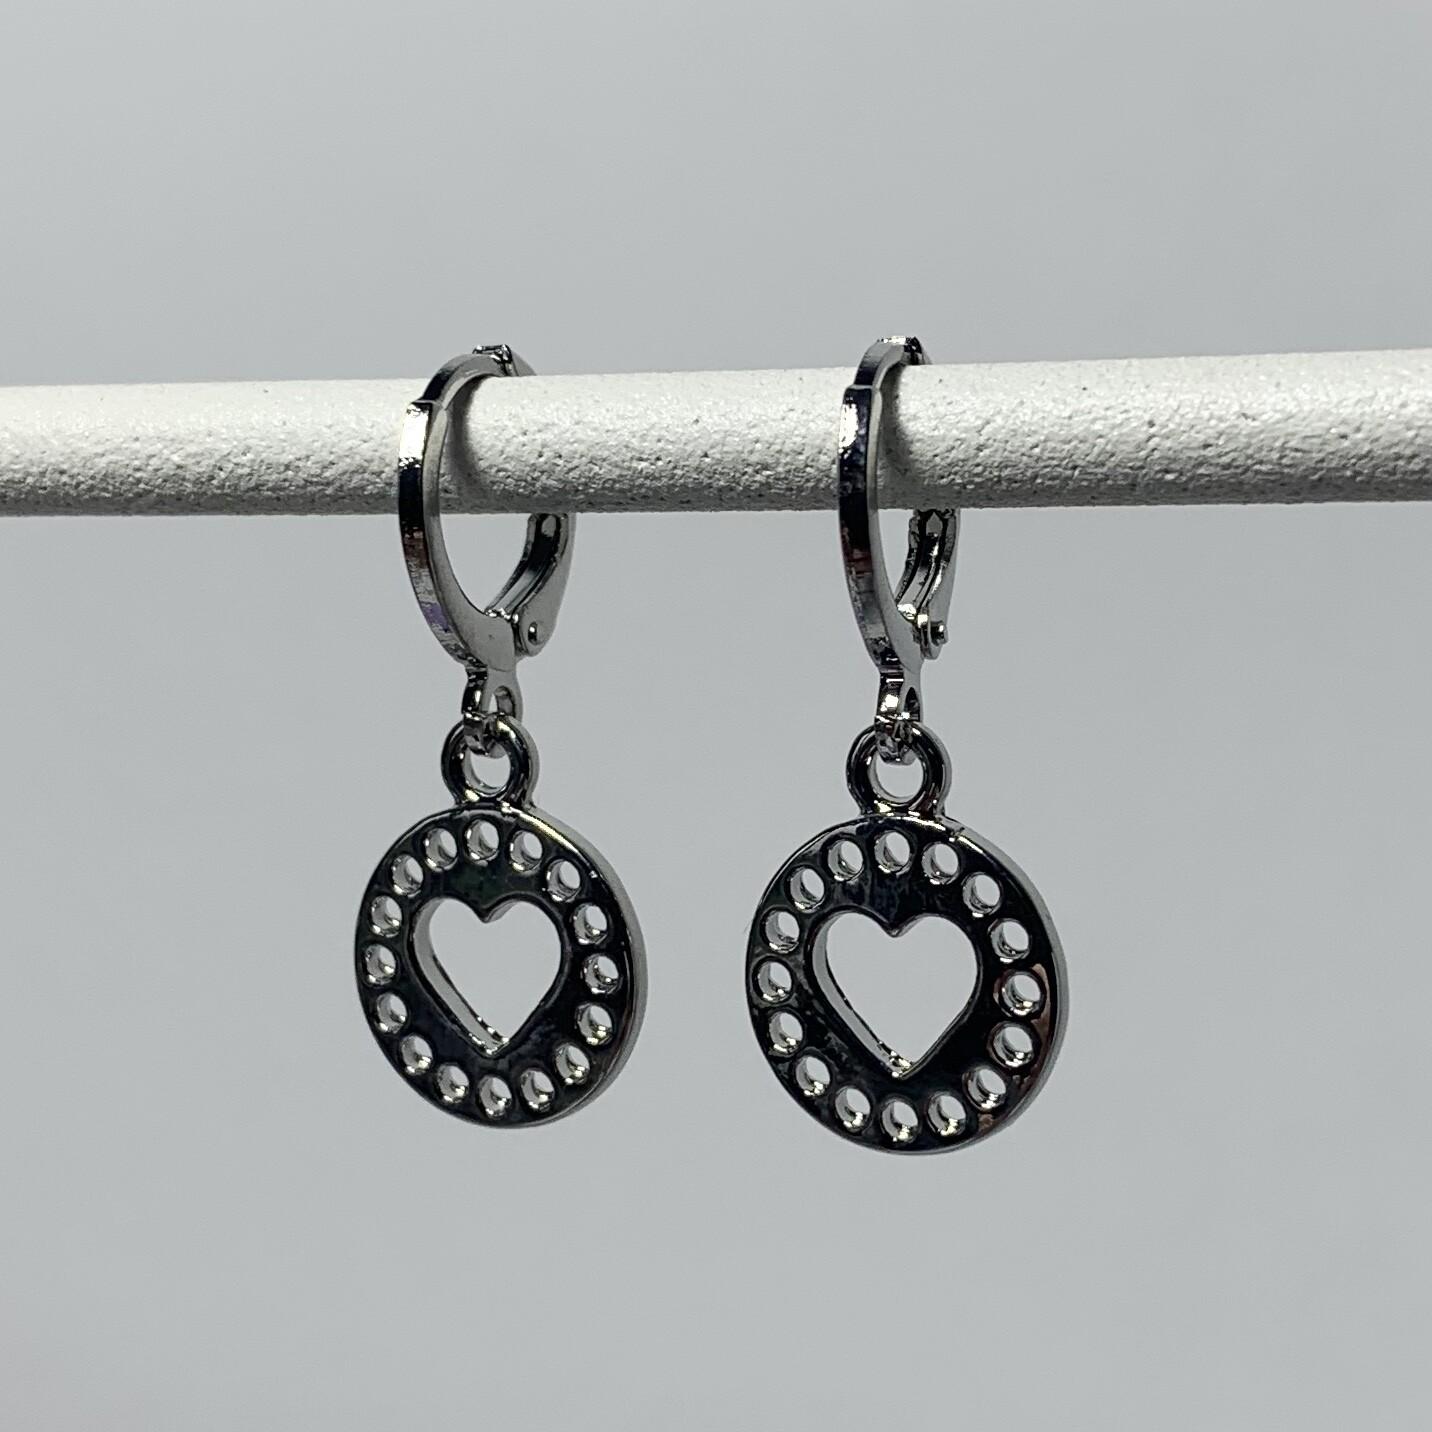 Heart coin oorbellen zilver